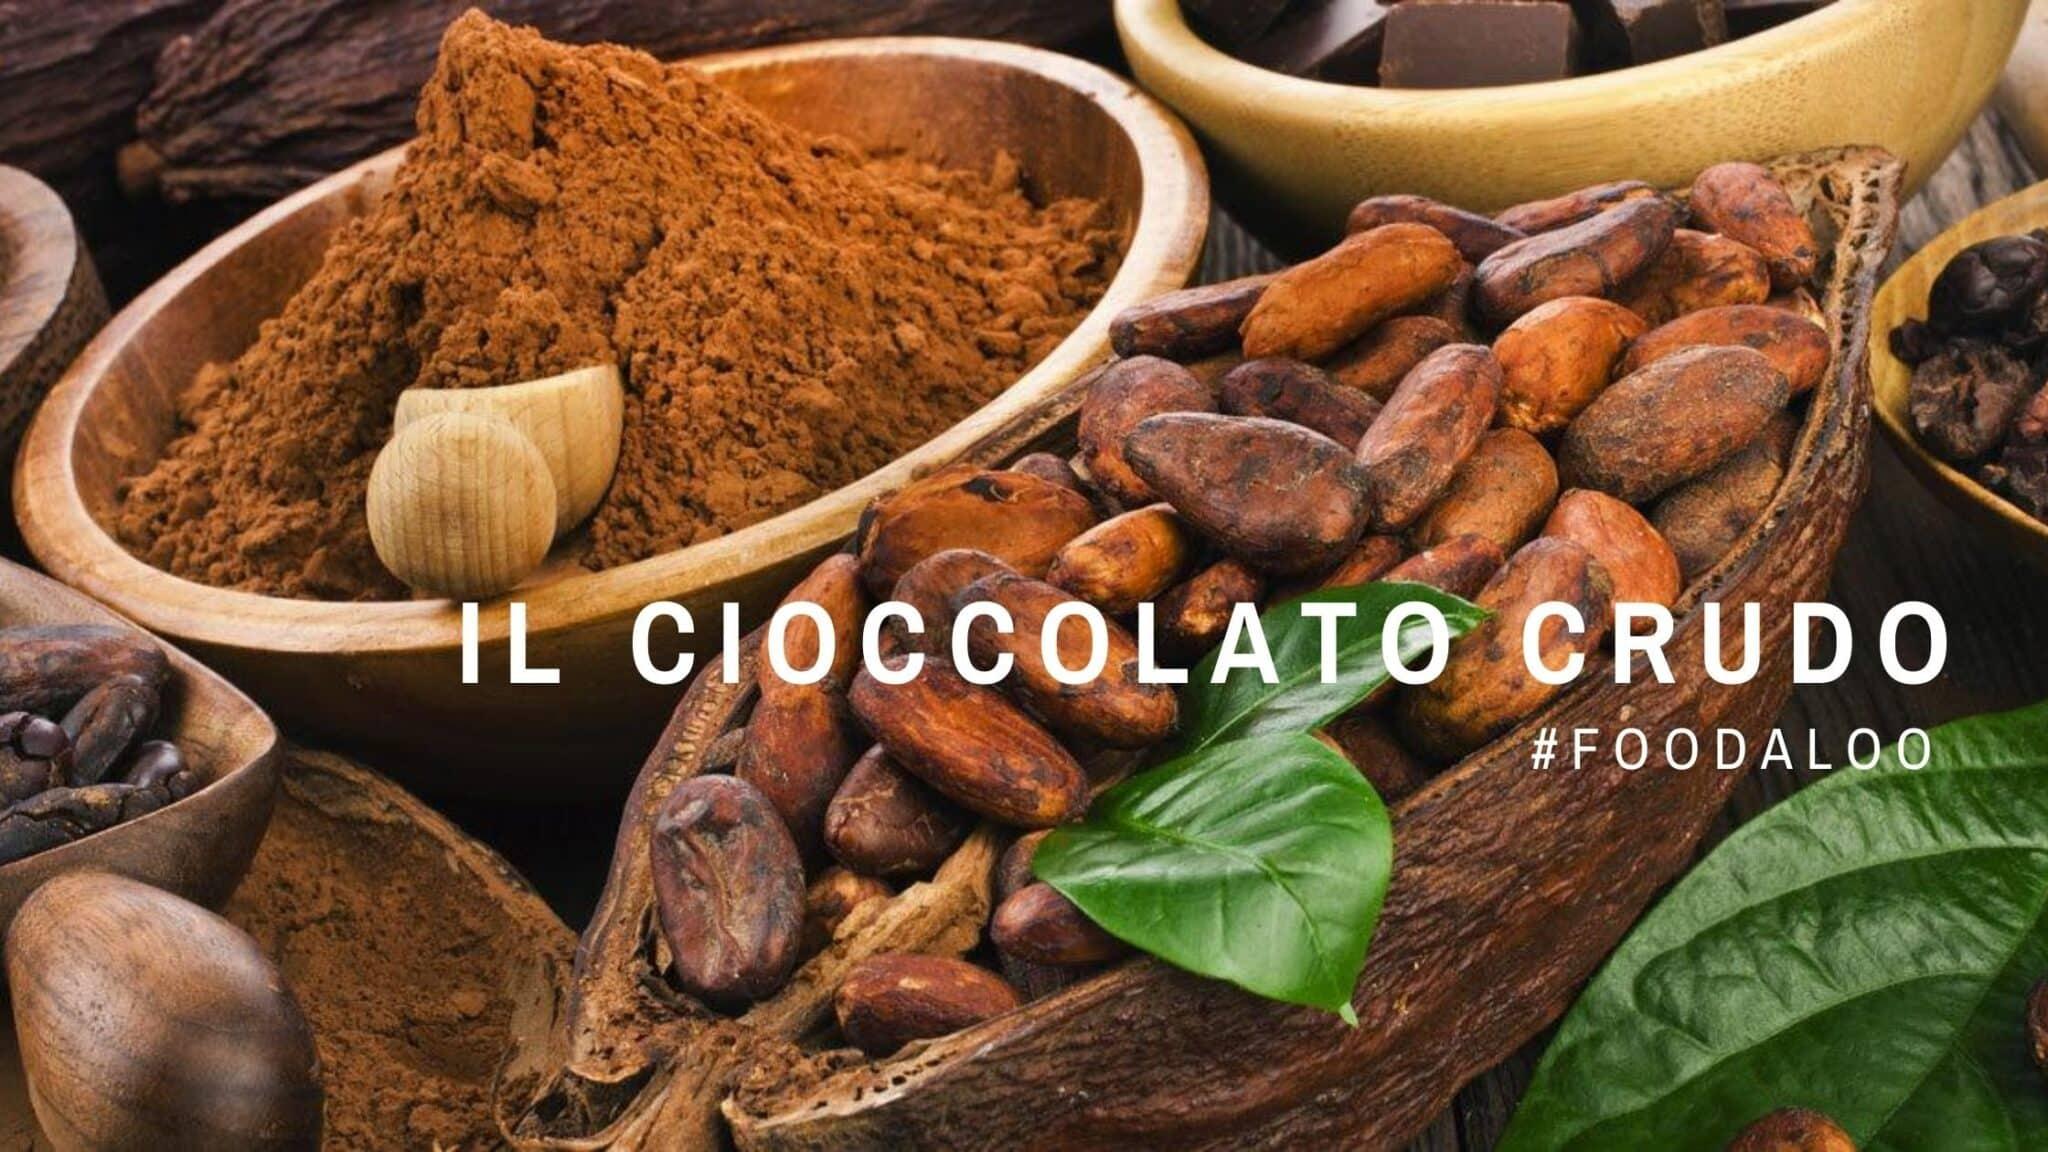 Cioccolato crudo, che cos'è, proprietà e benefici